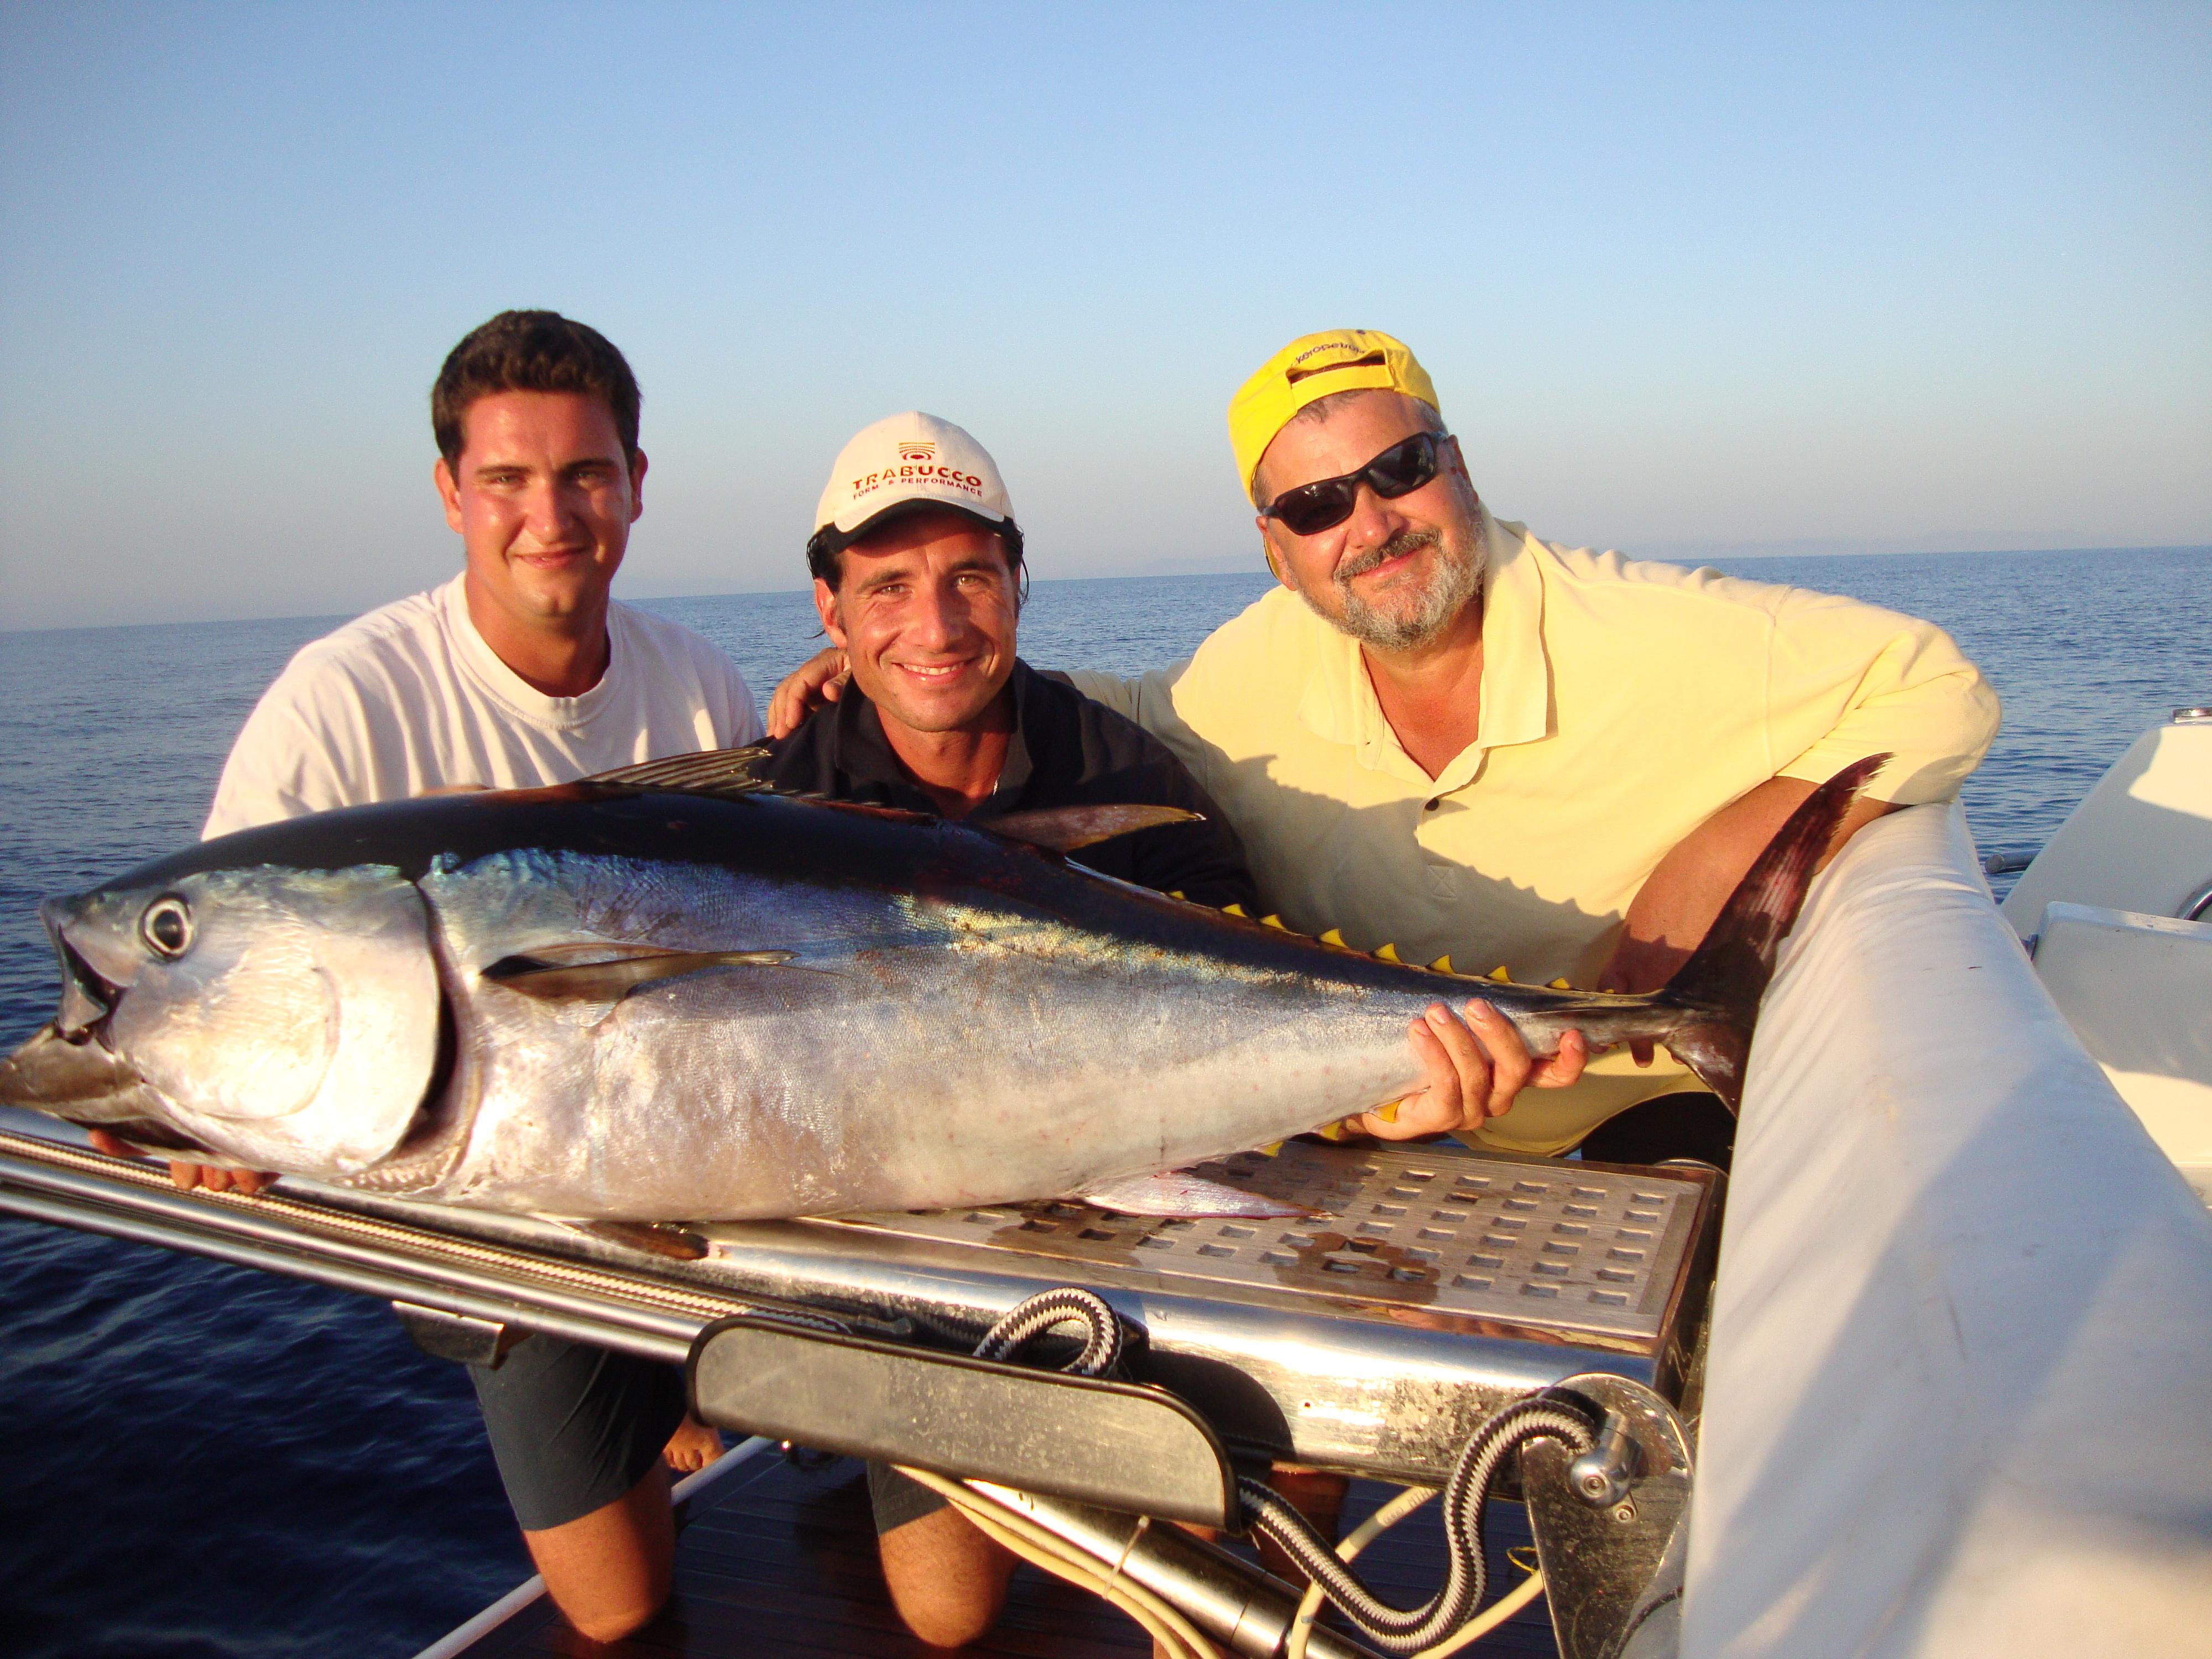 tonno rosso catturato a largo di marina Pisa.JPG